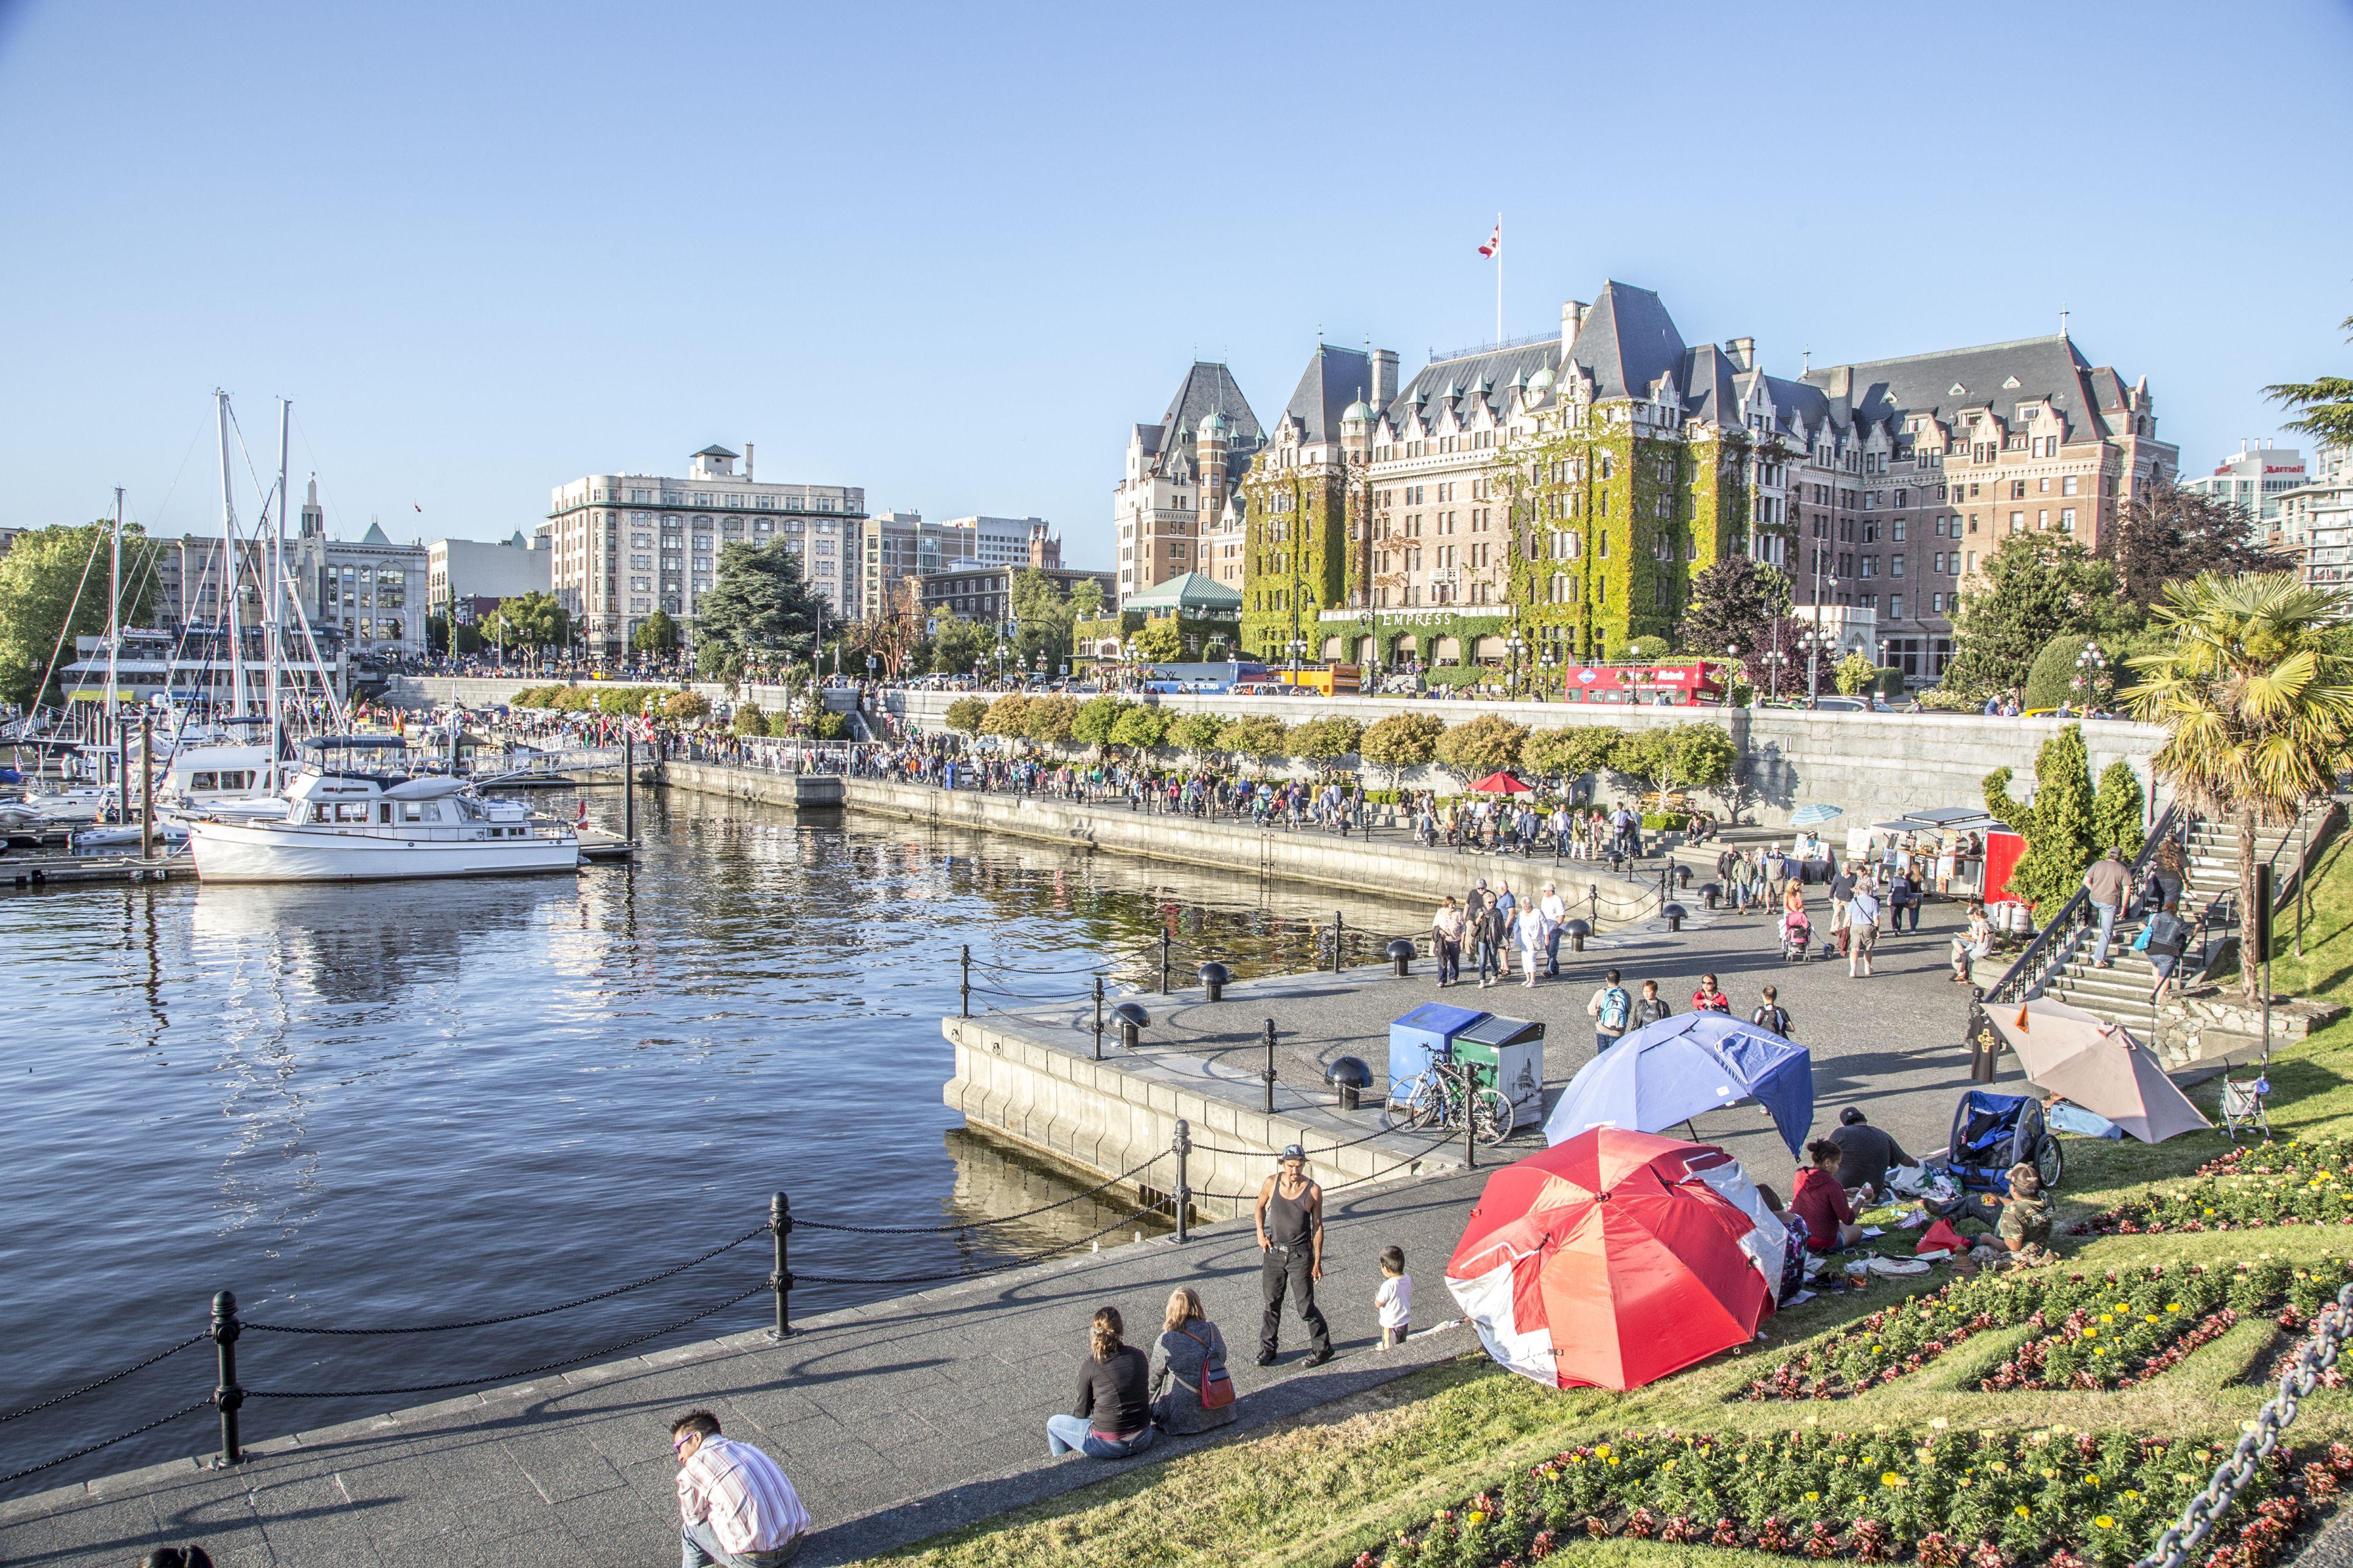 Victoria Harbour, British Columbia